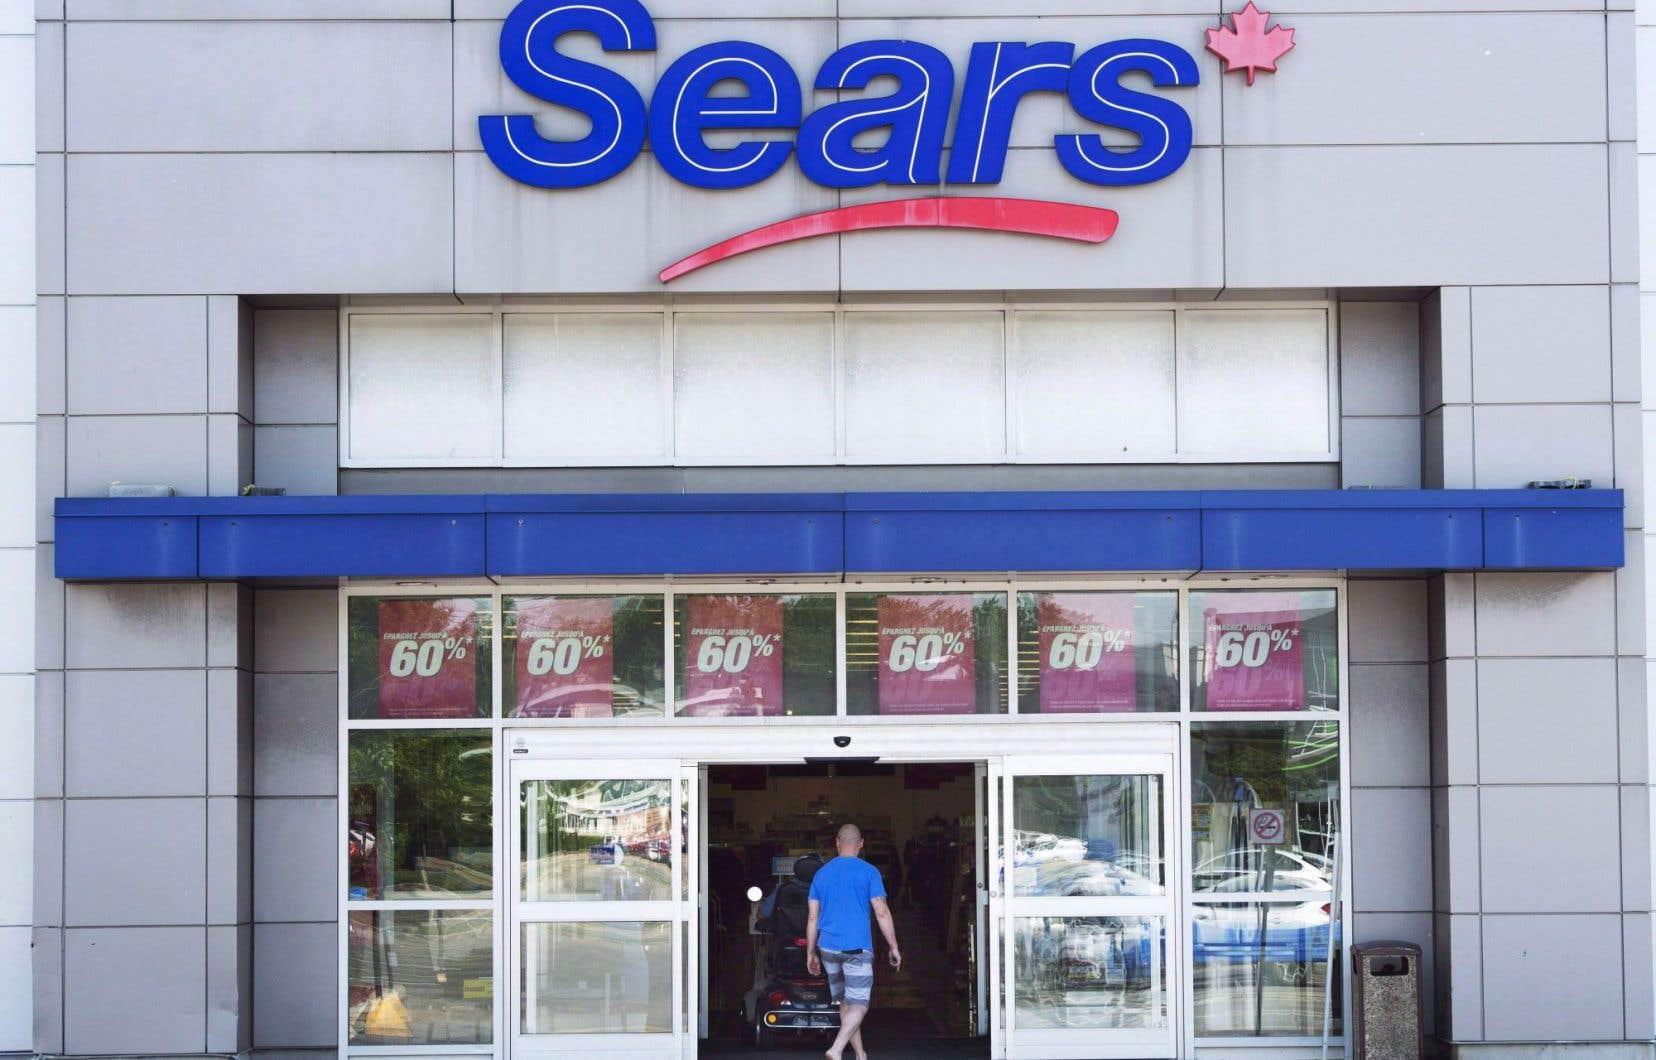 La restructuration de Sears Canada doit impliquer la fermeture de 59 magasins et la suppression de près de 2900 emplois.